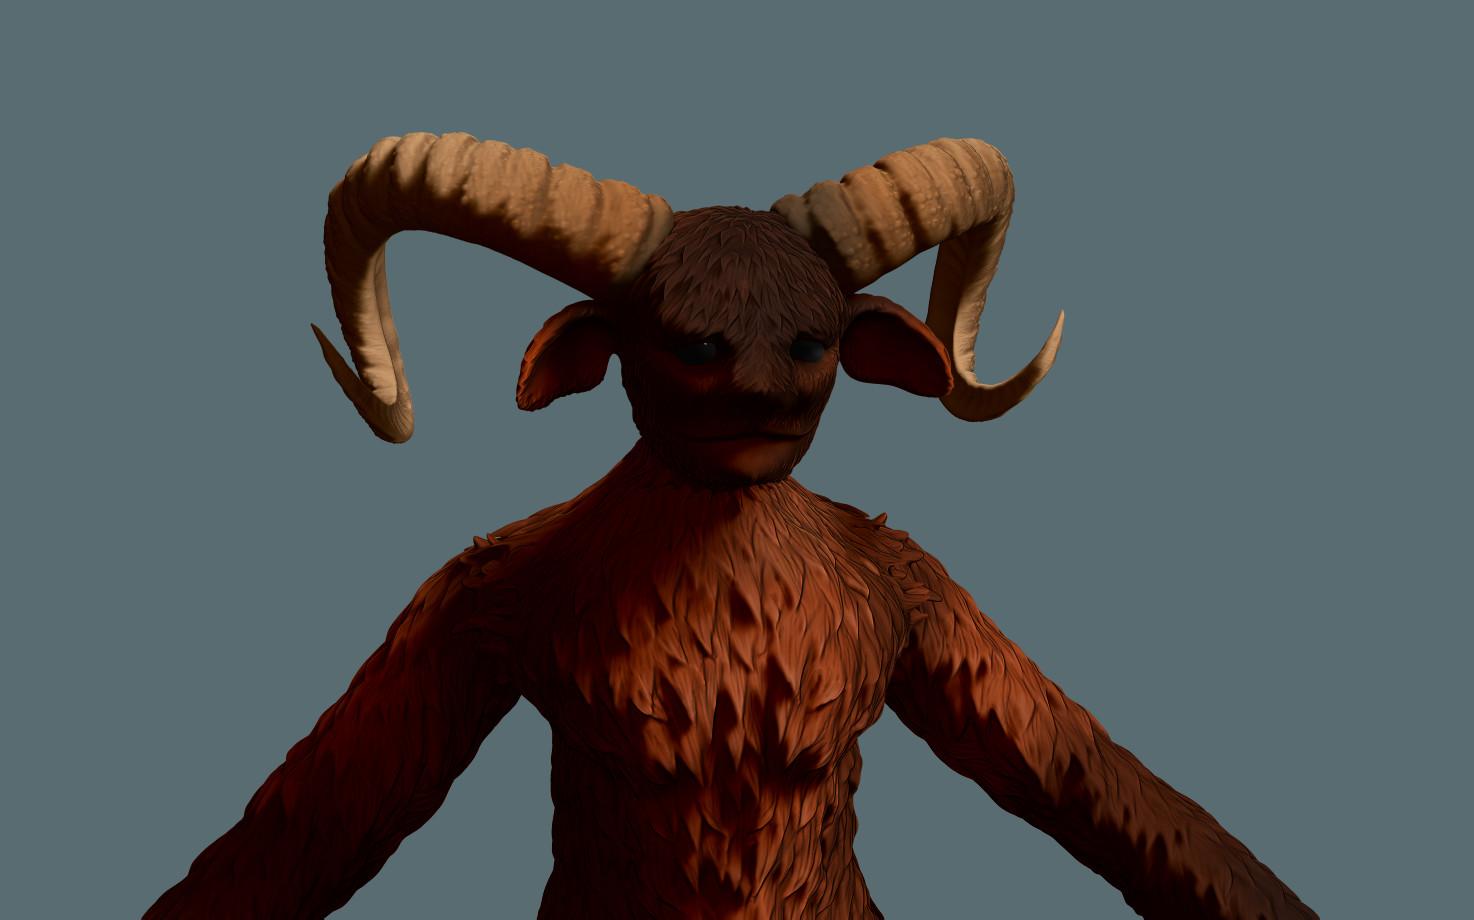 Mateusz wendowski render closeup